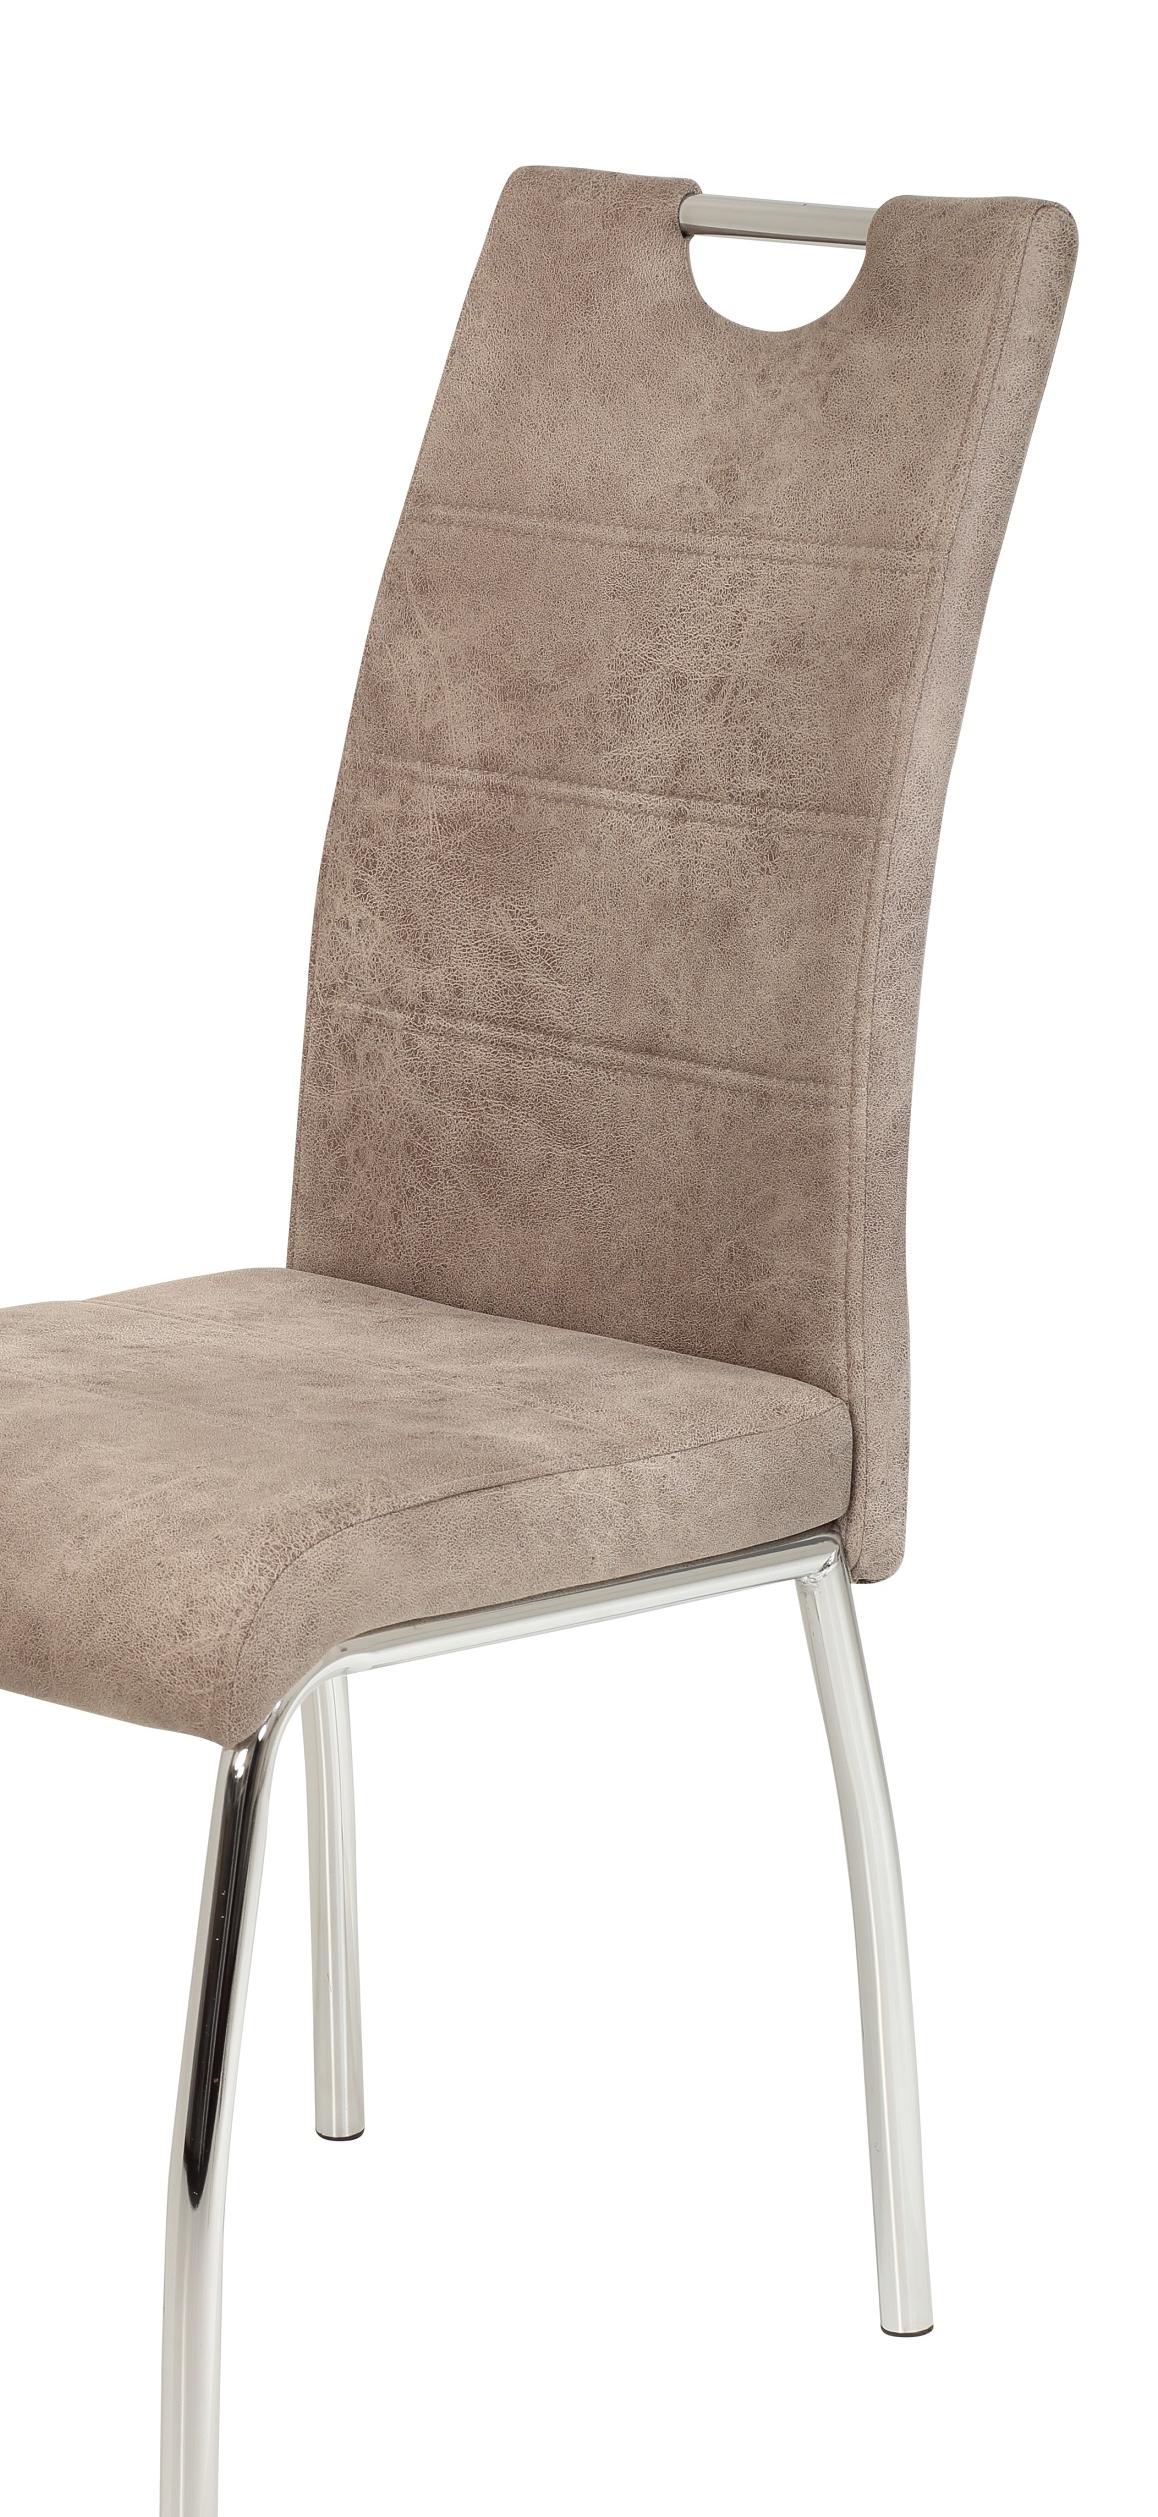 8 Stühle=Set Vierfussstuhl Stuhl Susi II S 70 Microfaser Vintage Beige